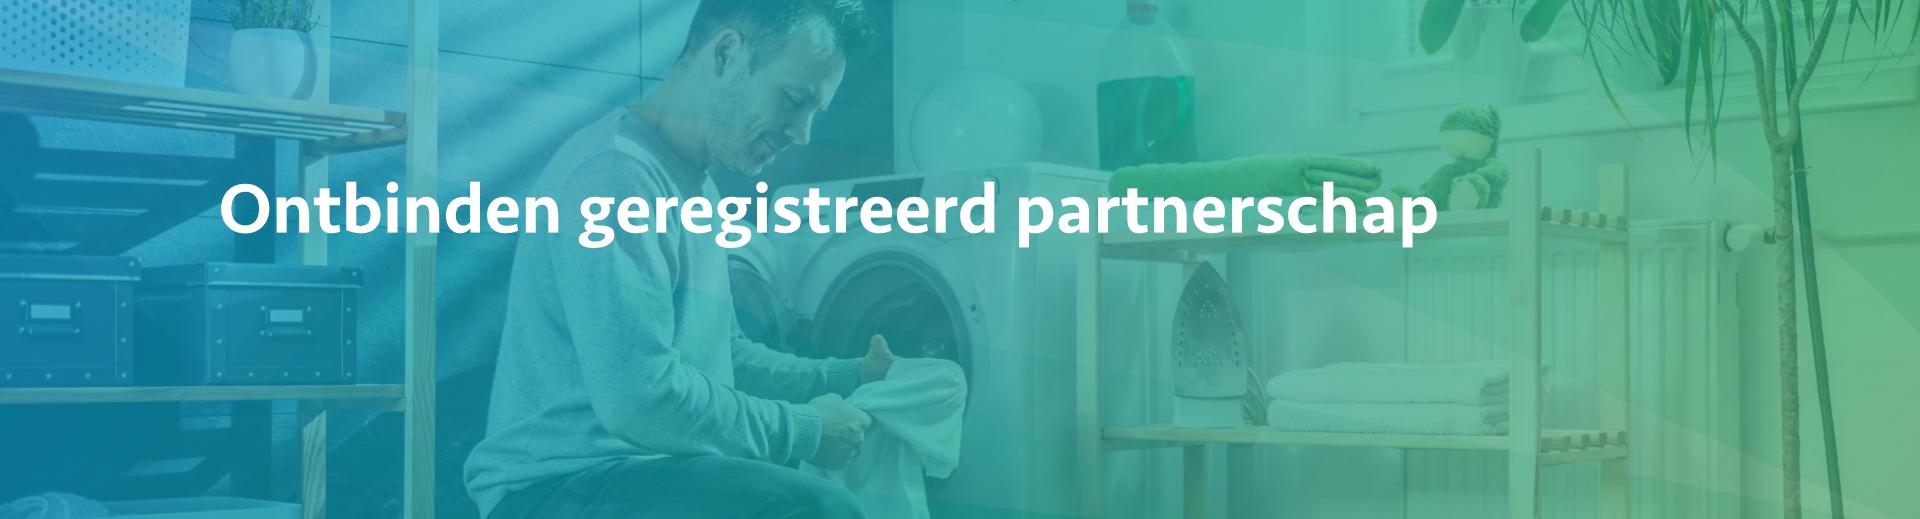 Ontbinden geregistreerd partnerschap - Scheidingsplanner Midden-Nederland